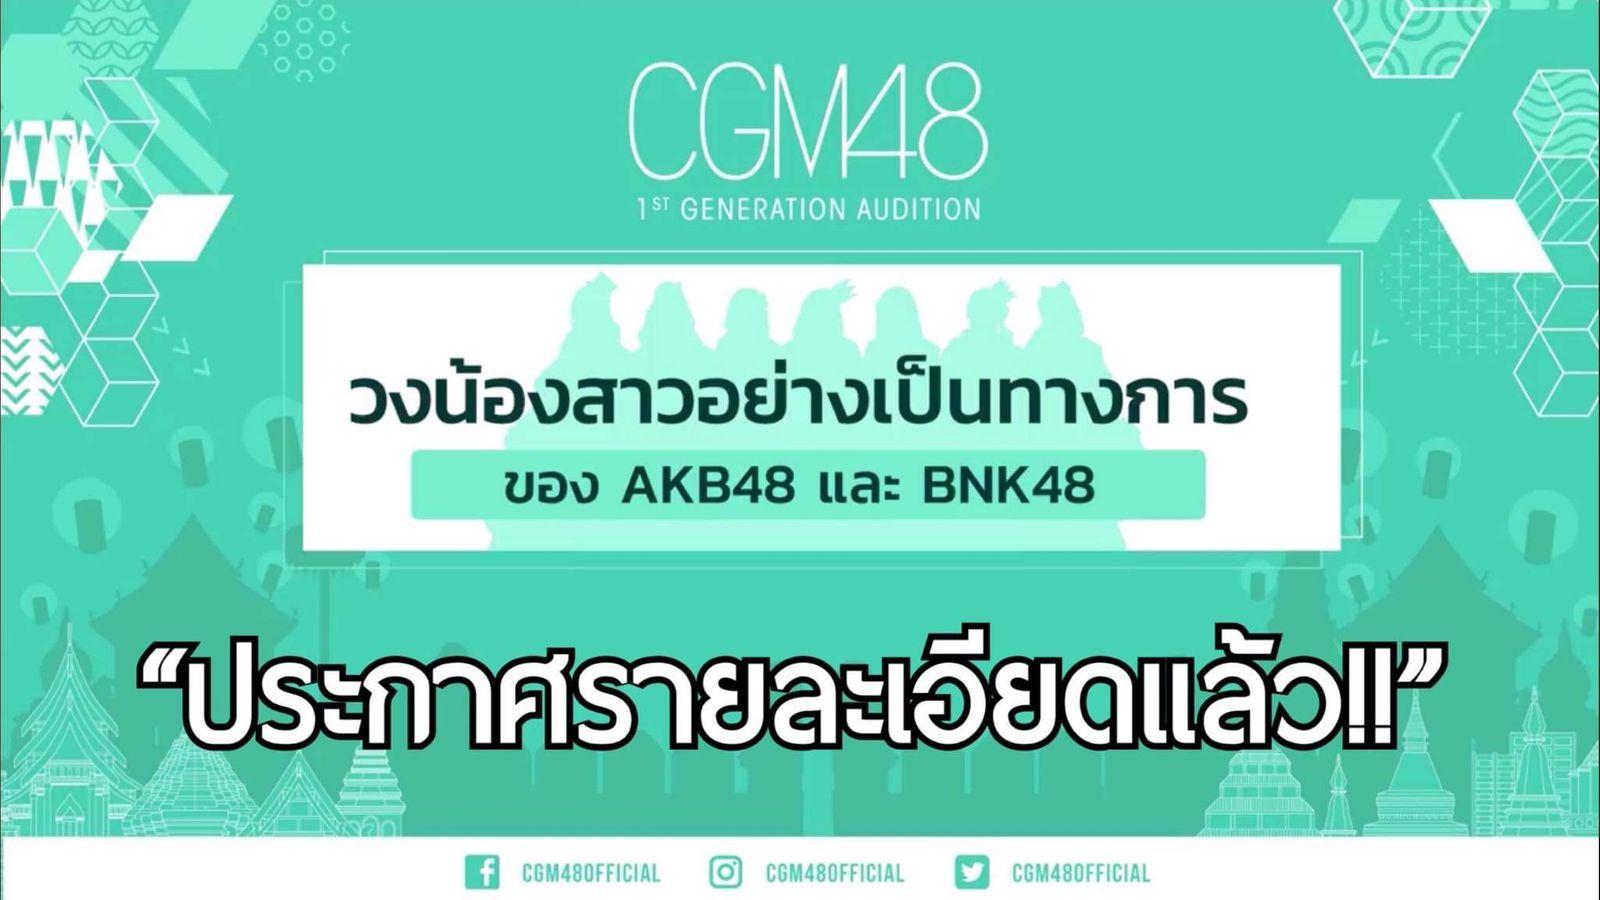 CGM48 ประกาศออดิชั่นฤดูกาลแห่งการแข่งขันกำลังเริ่มต้น!